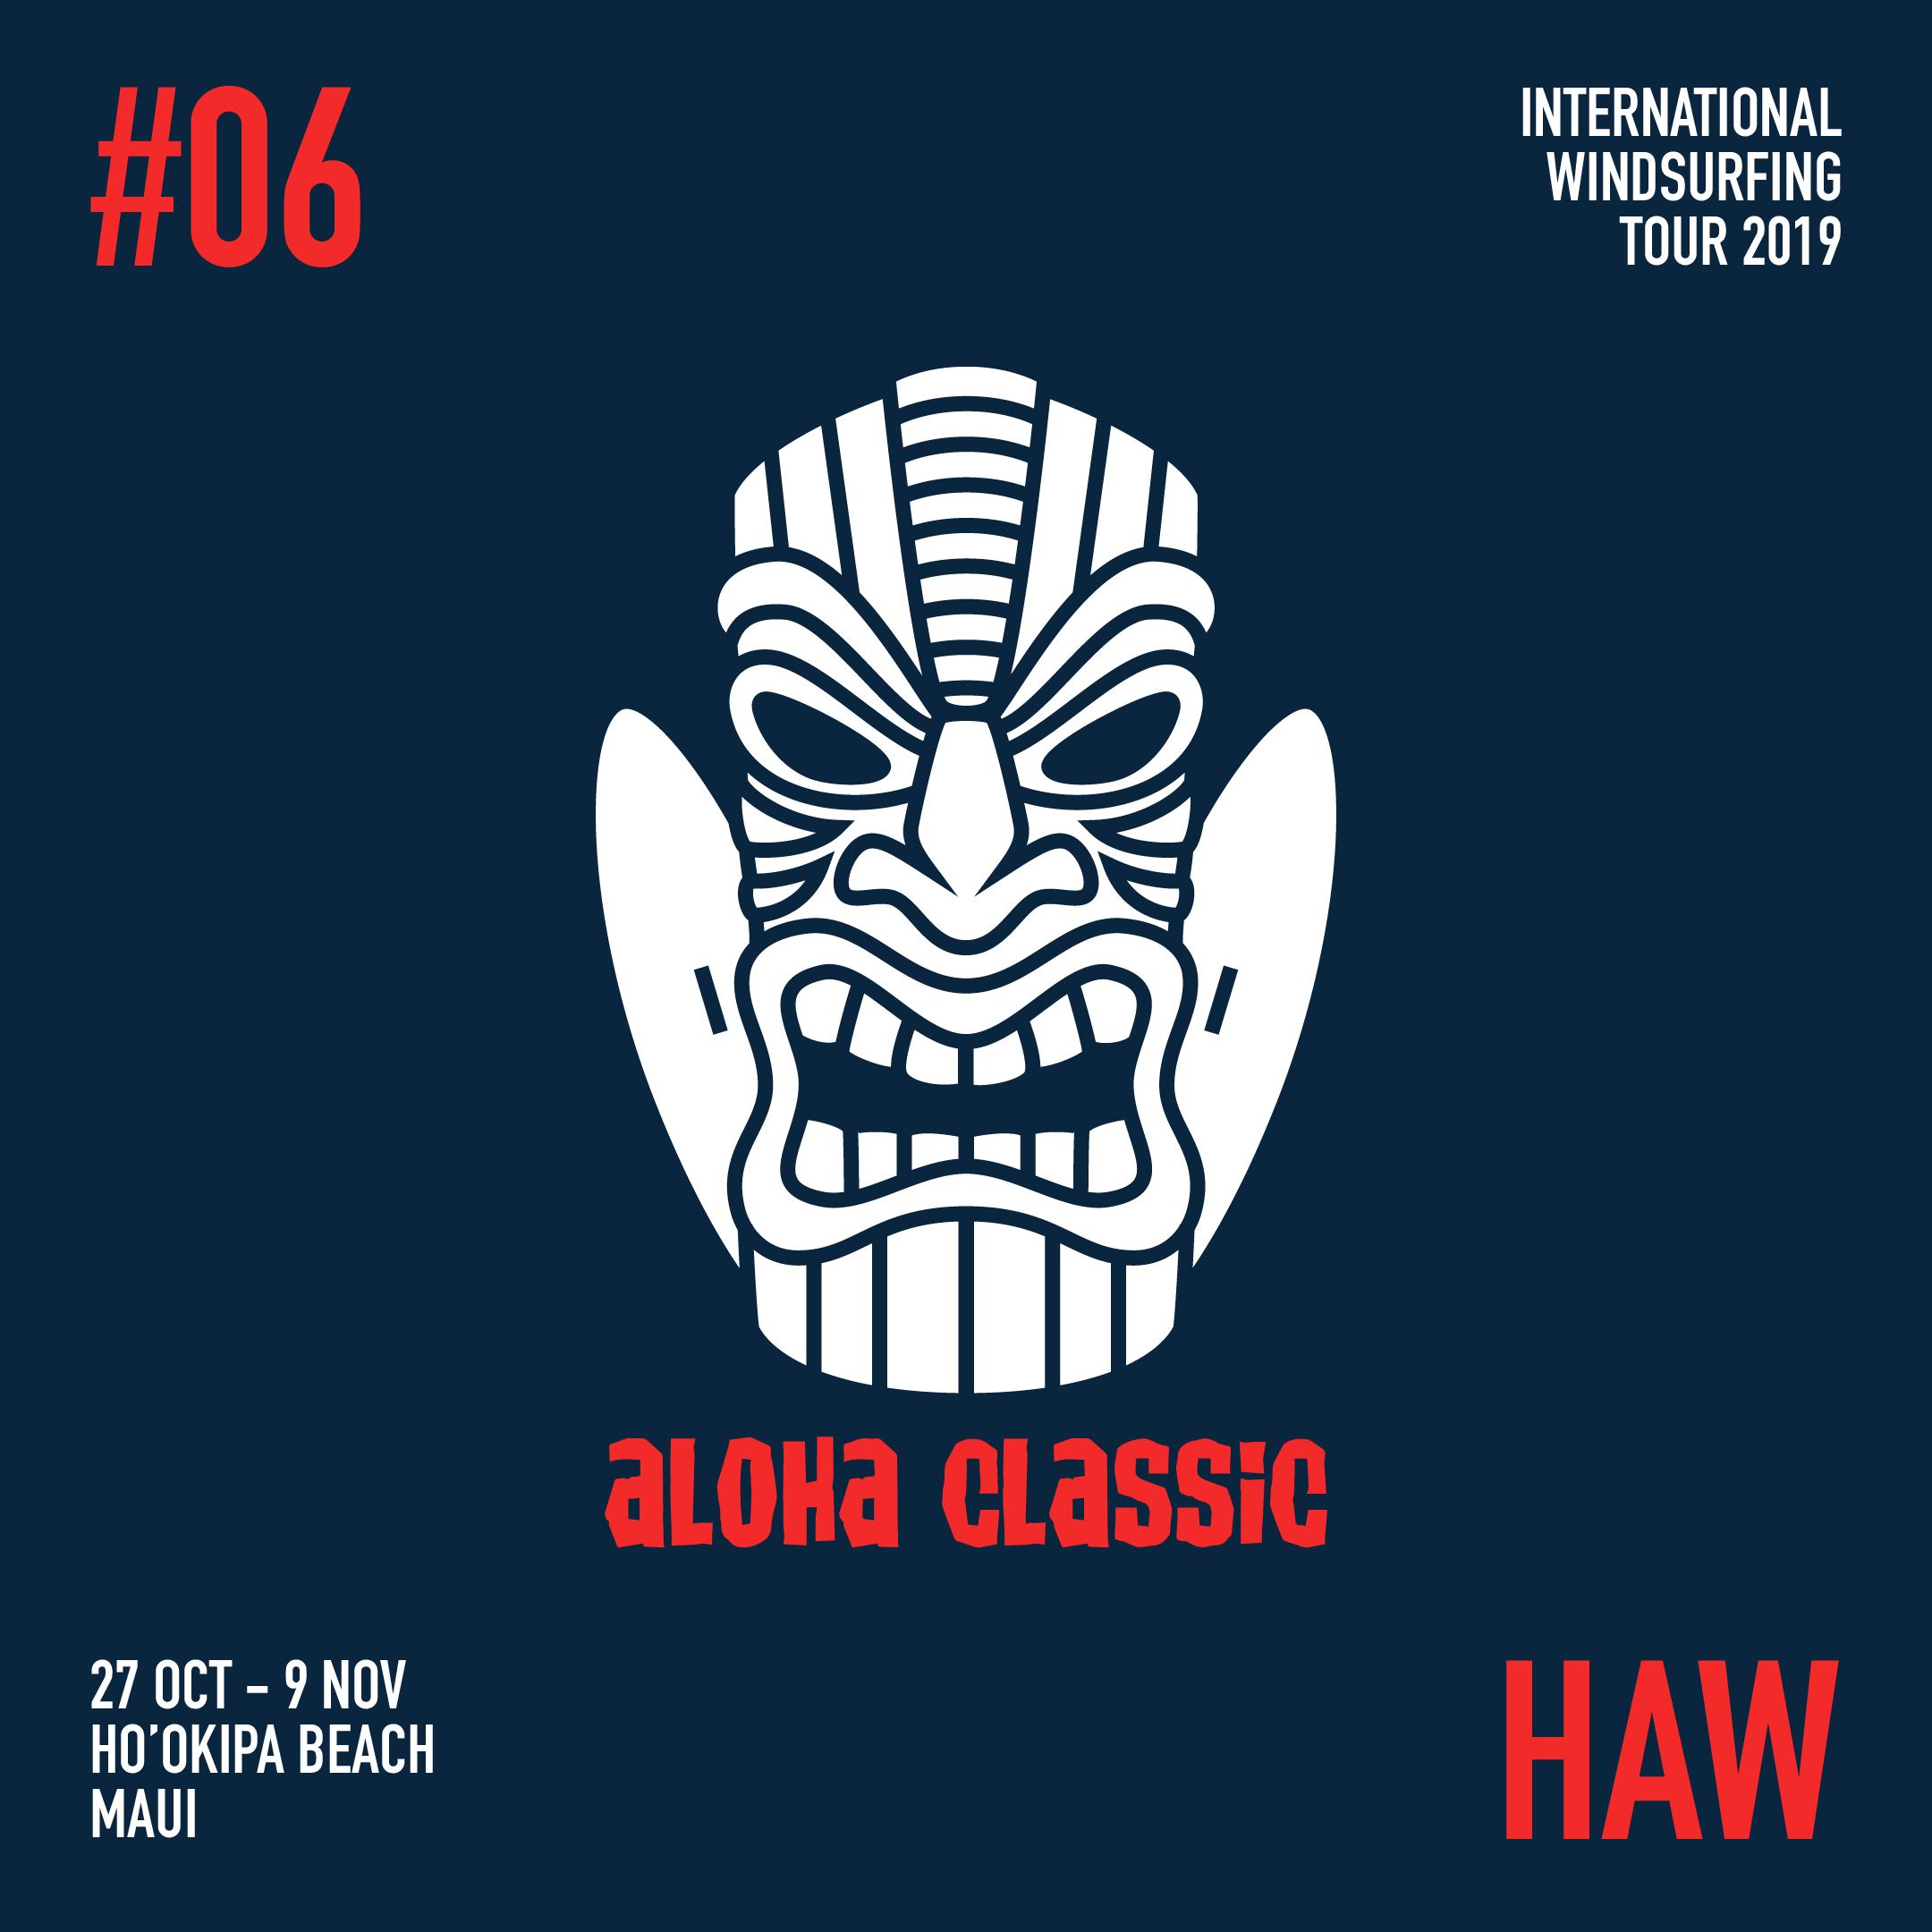 Maui Aloha Classic 2019 - International Windsurfing Tour